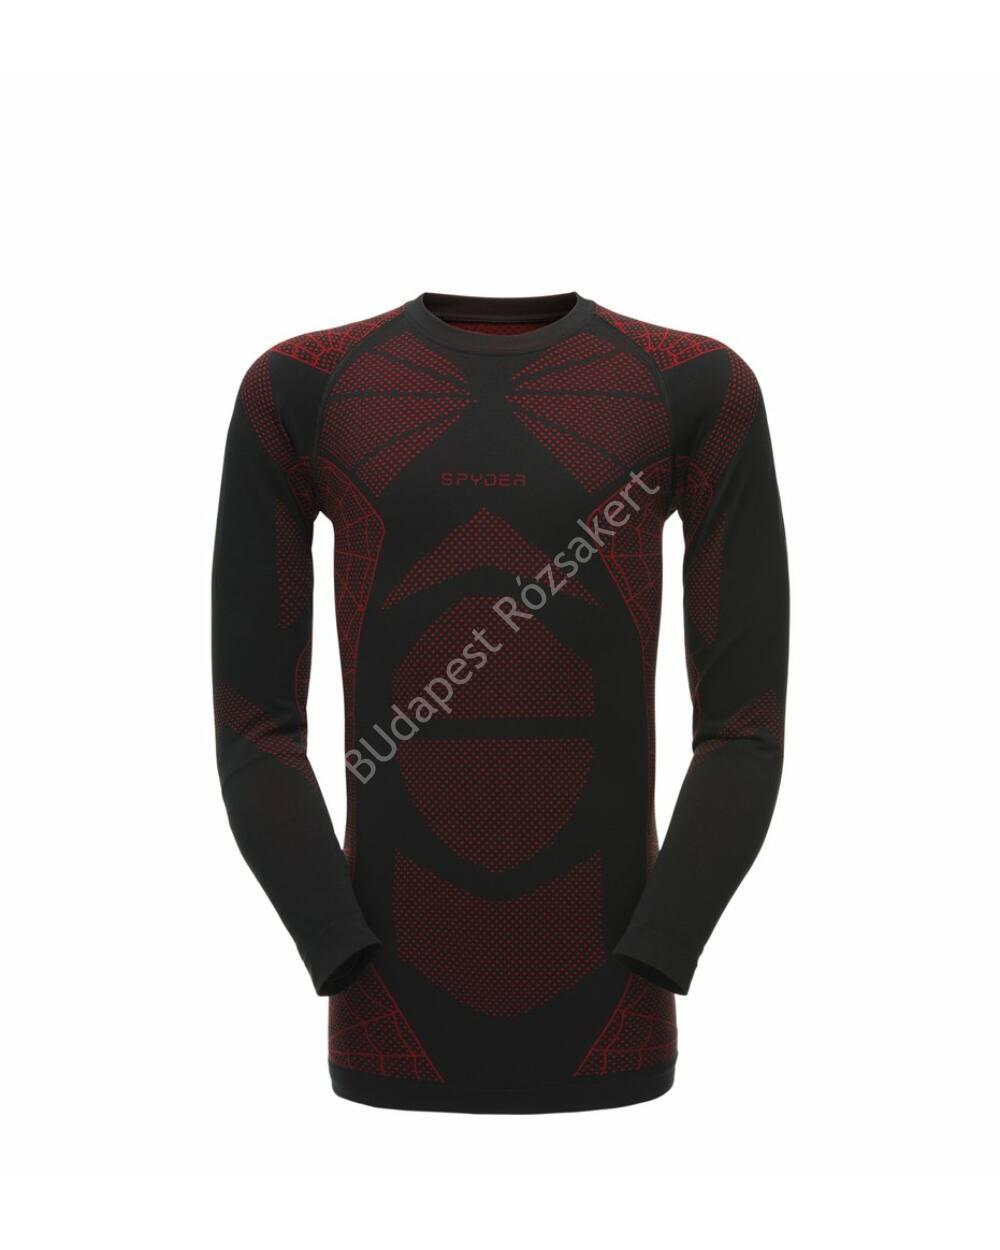 Spyder Captain Pant férfi aláöltözet felső, black-red, L/XL